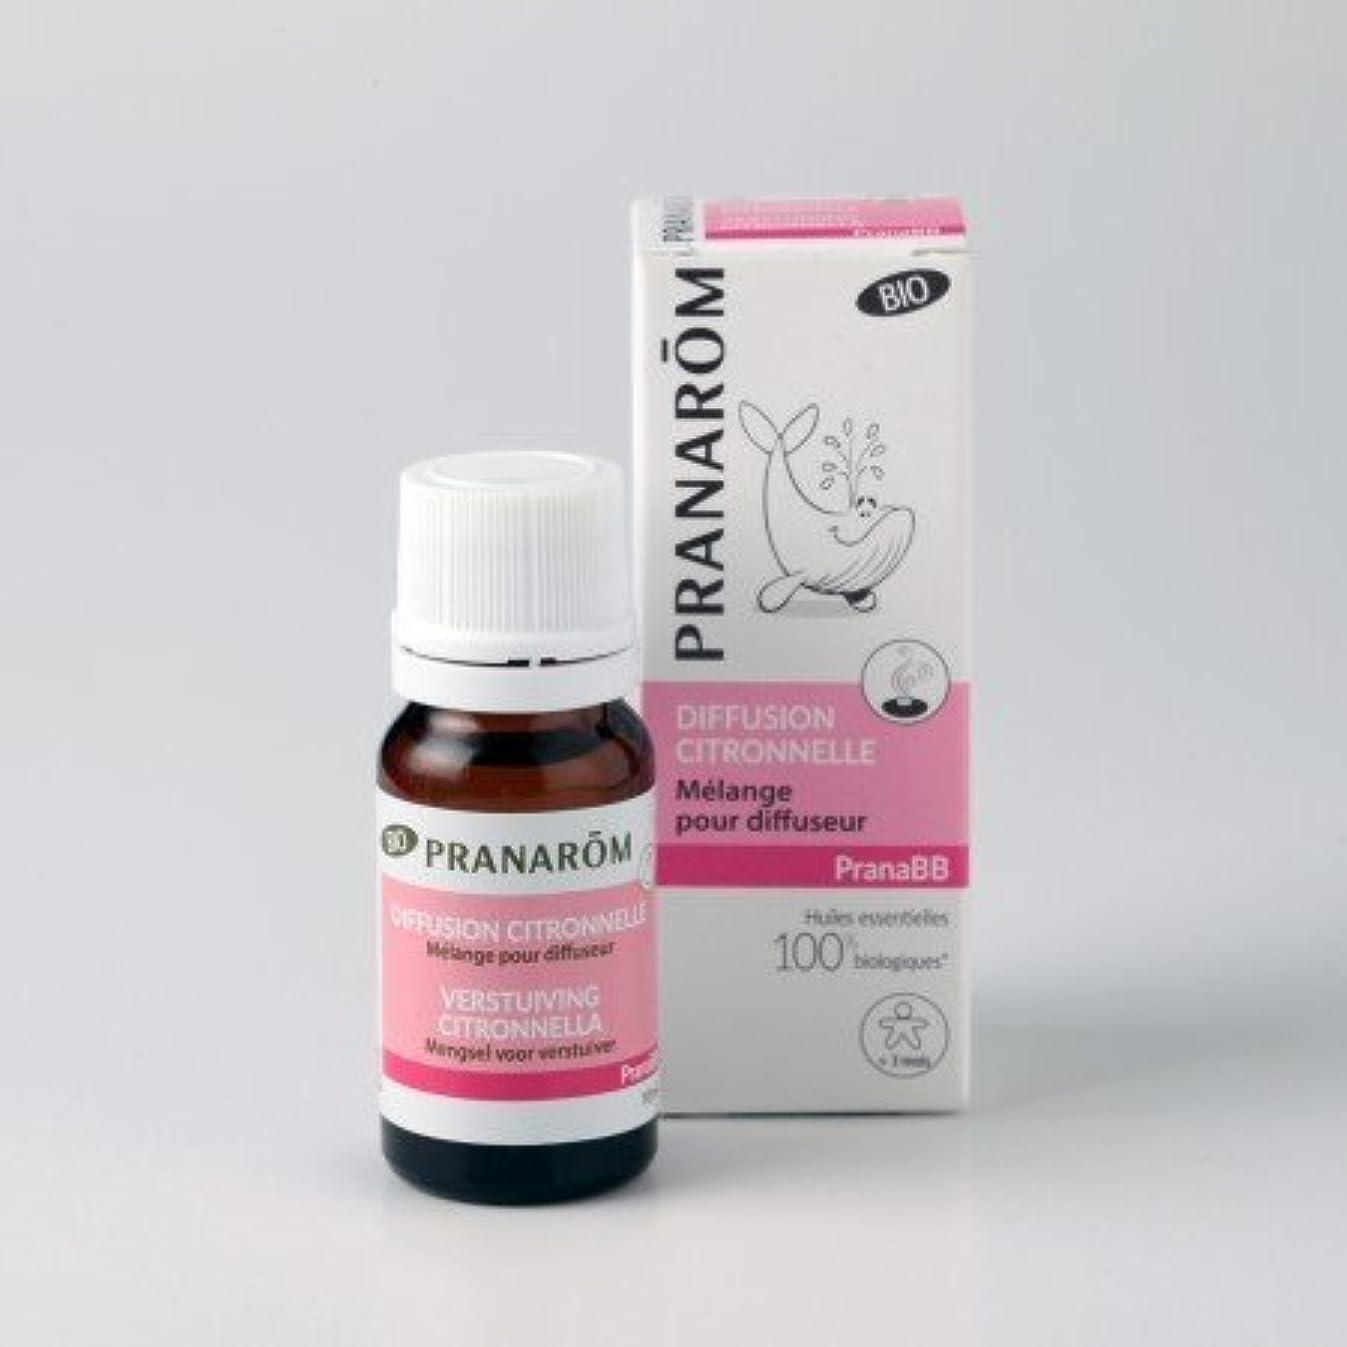 虫を数える実質的抑止するプラナロム ( PRANAROM ) ルームコロン ディフューザーオイル?シトロネラ (旧名 モスキート) 10ml 02612 プラナBB ディフューザー ブレンドオイル